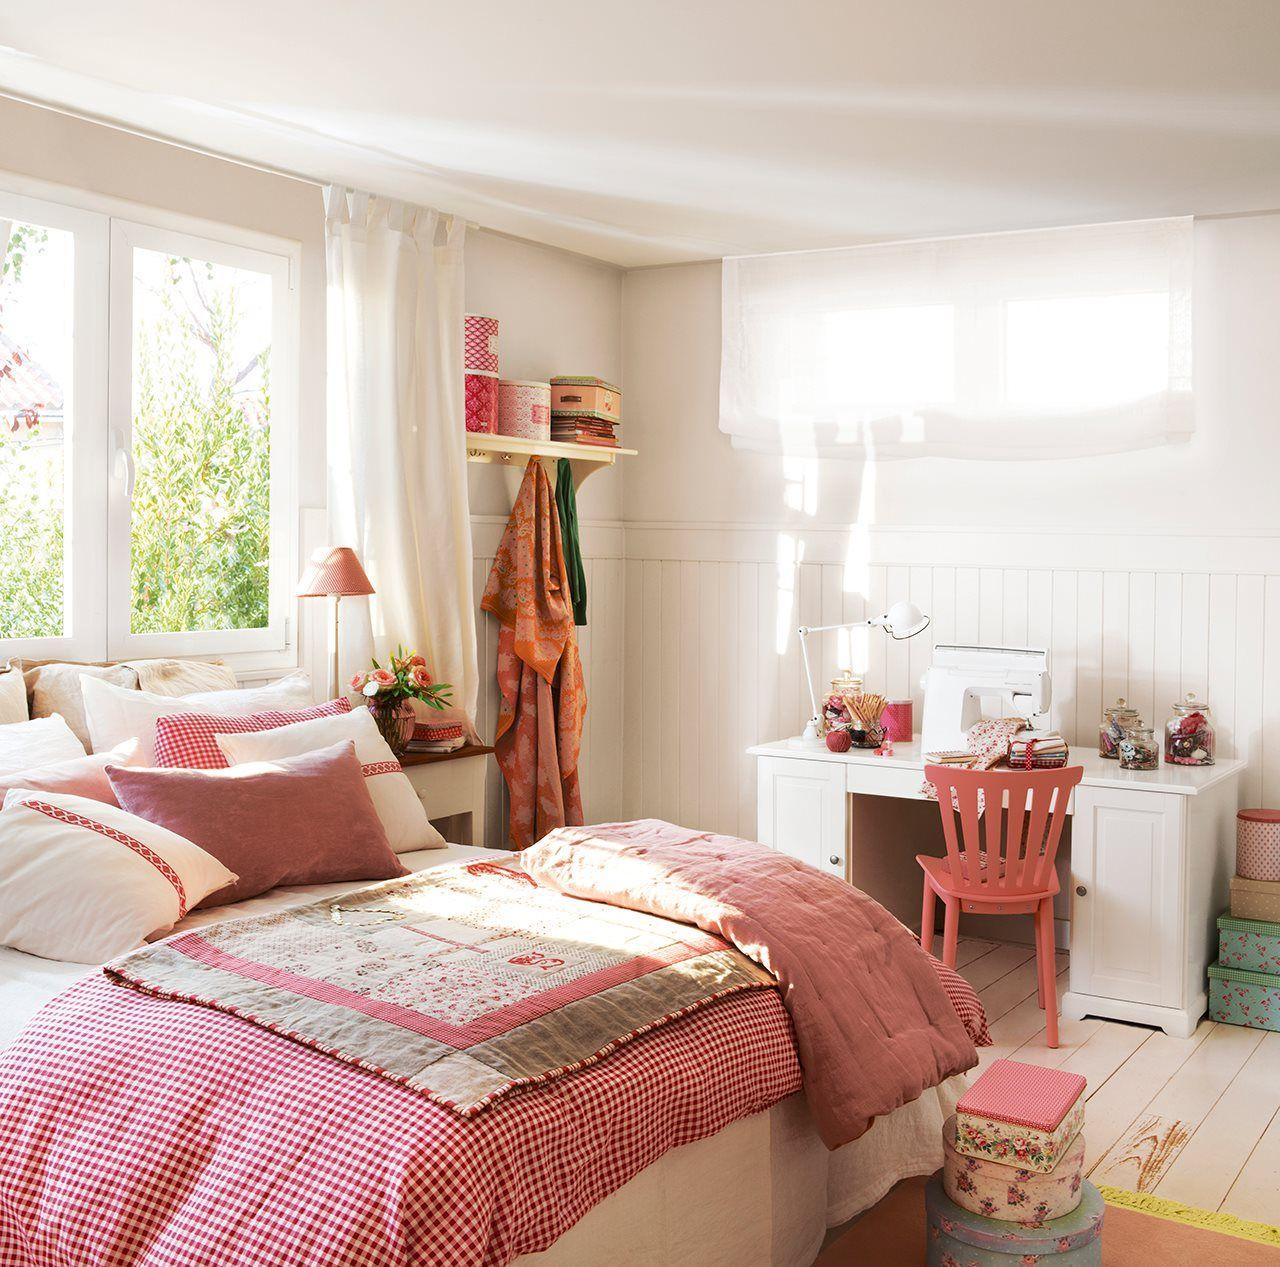 1 dormitorio 3 soluciones dormitorios modernos y - Decoracion habitacion individual ...